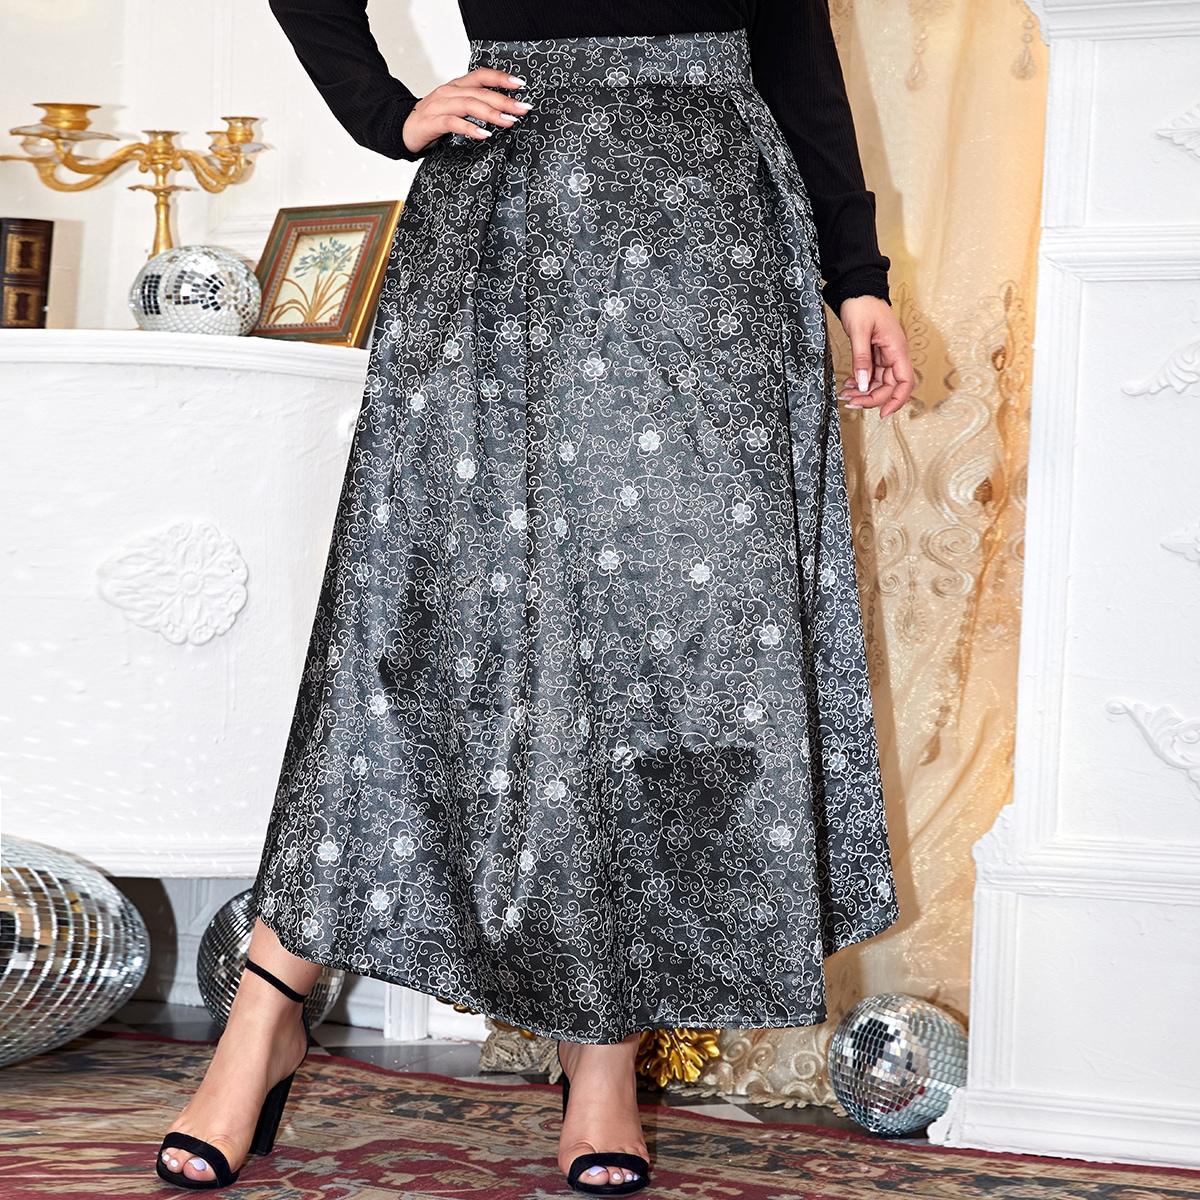 SHEIN / Plus High Waist Floral Jacquard Skirt